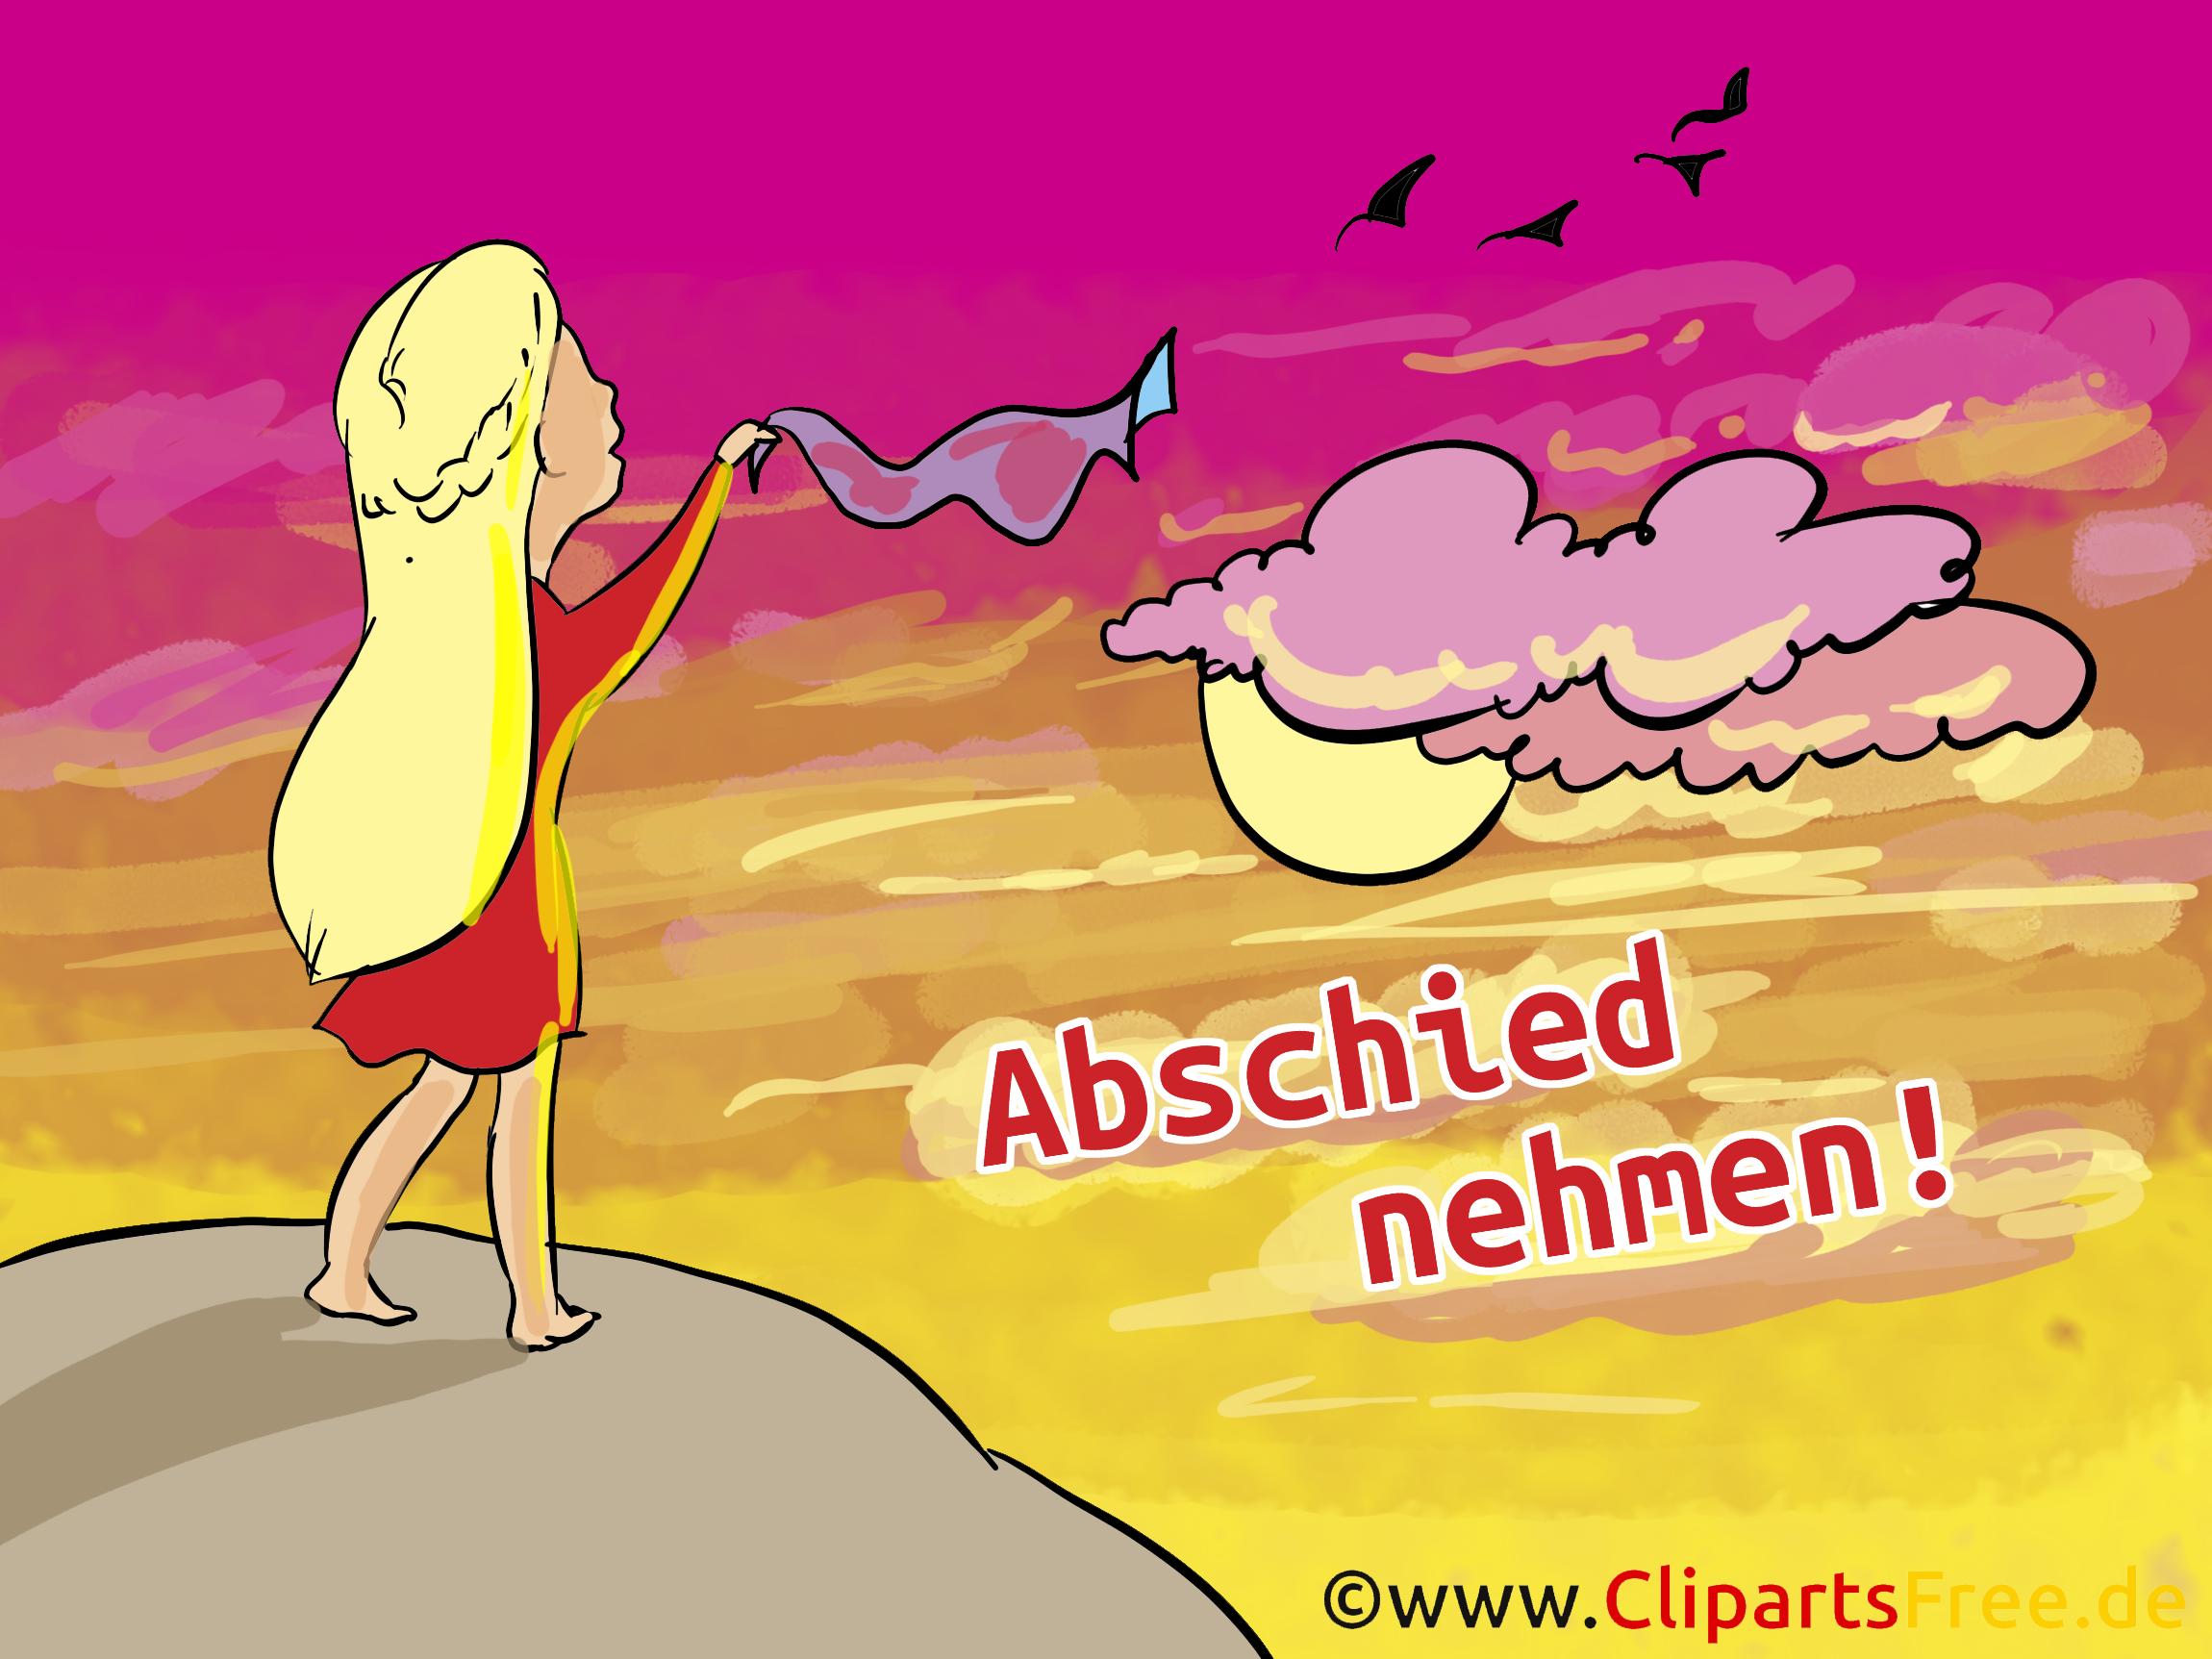 Sprüche Zum Abschied Einer Kollegin | Bnbnews.co clip